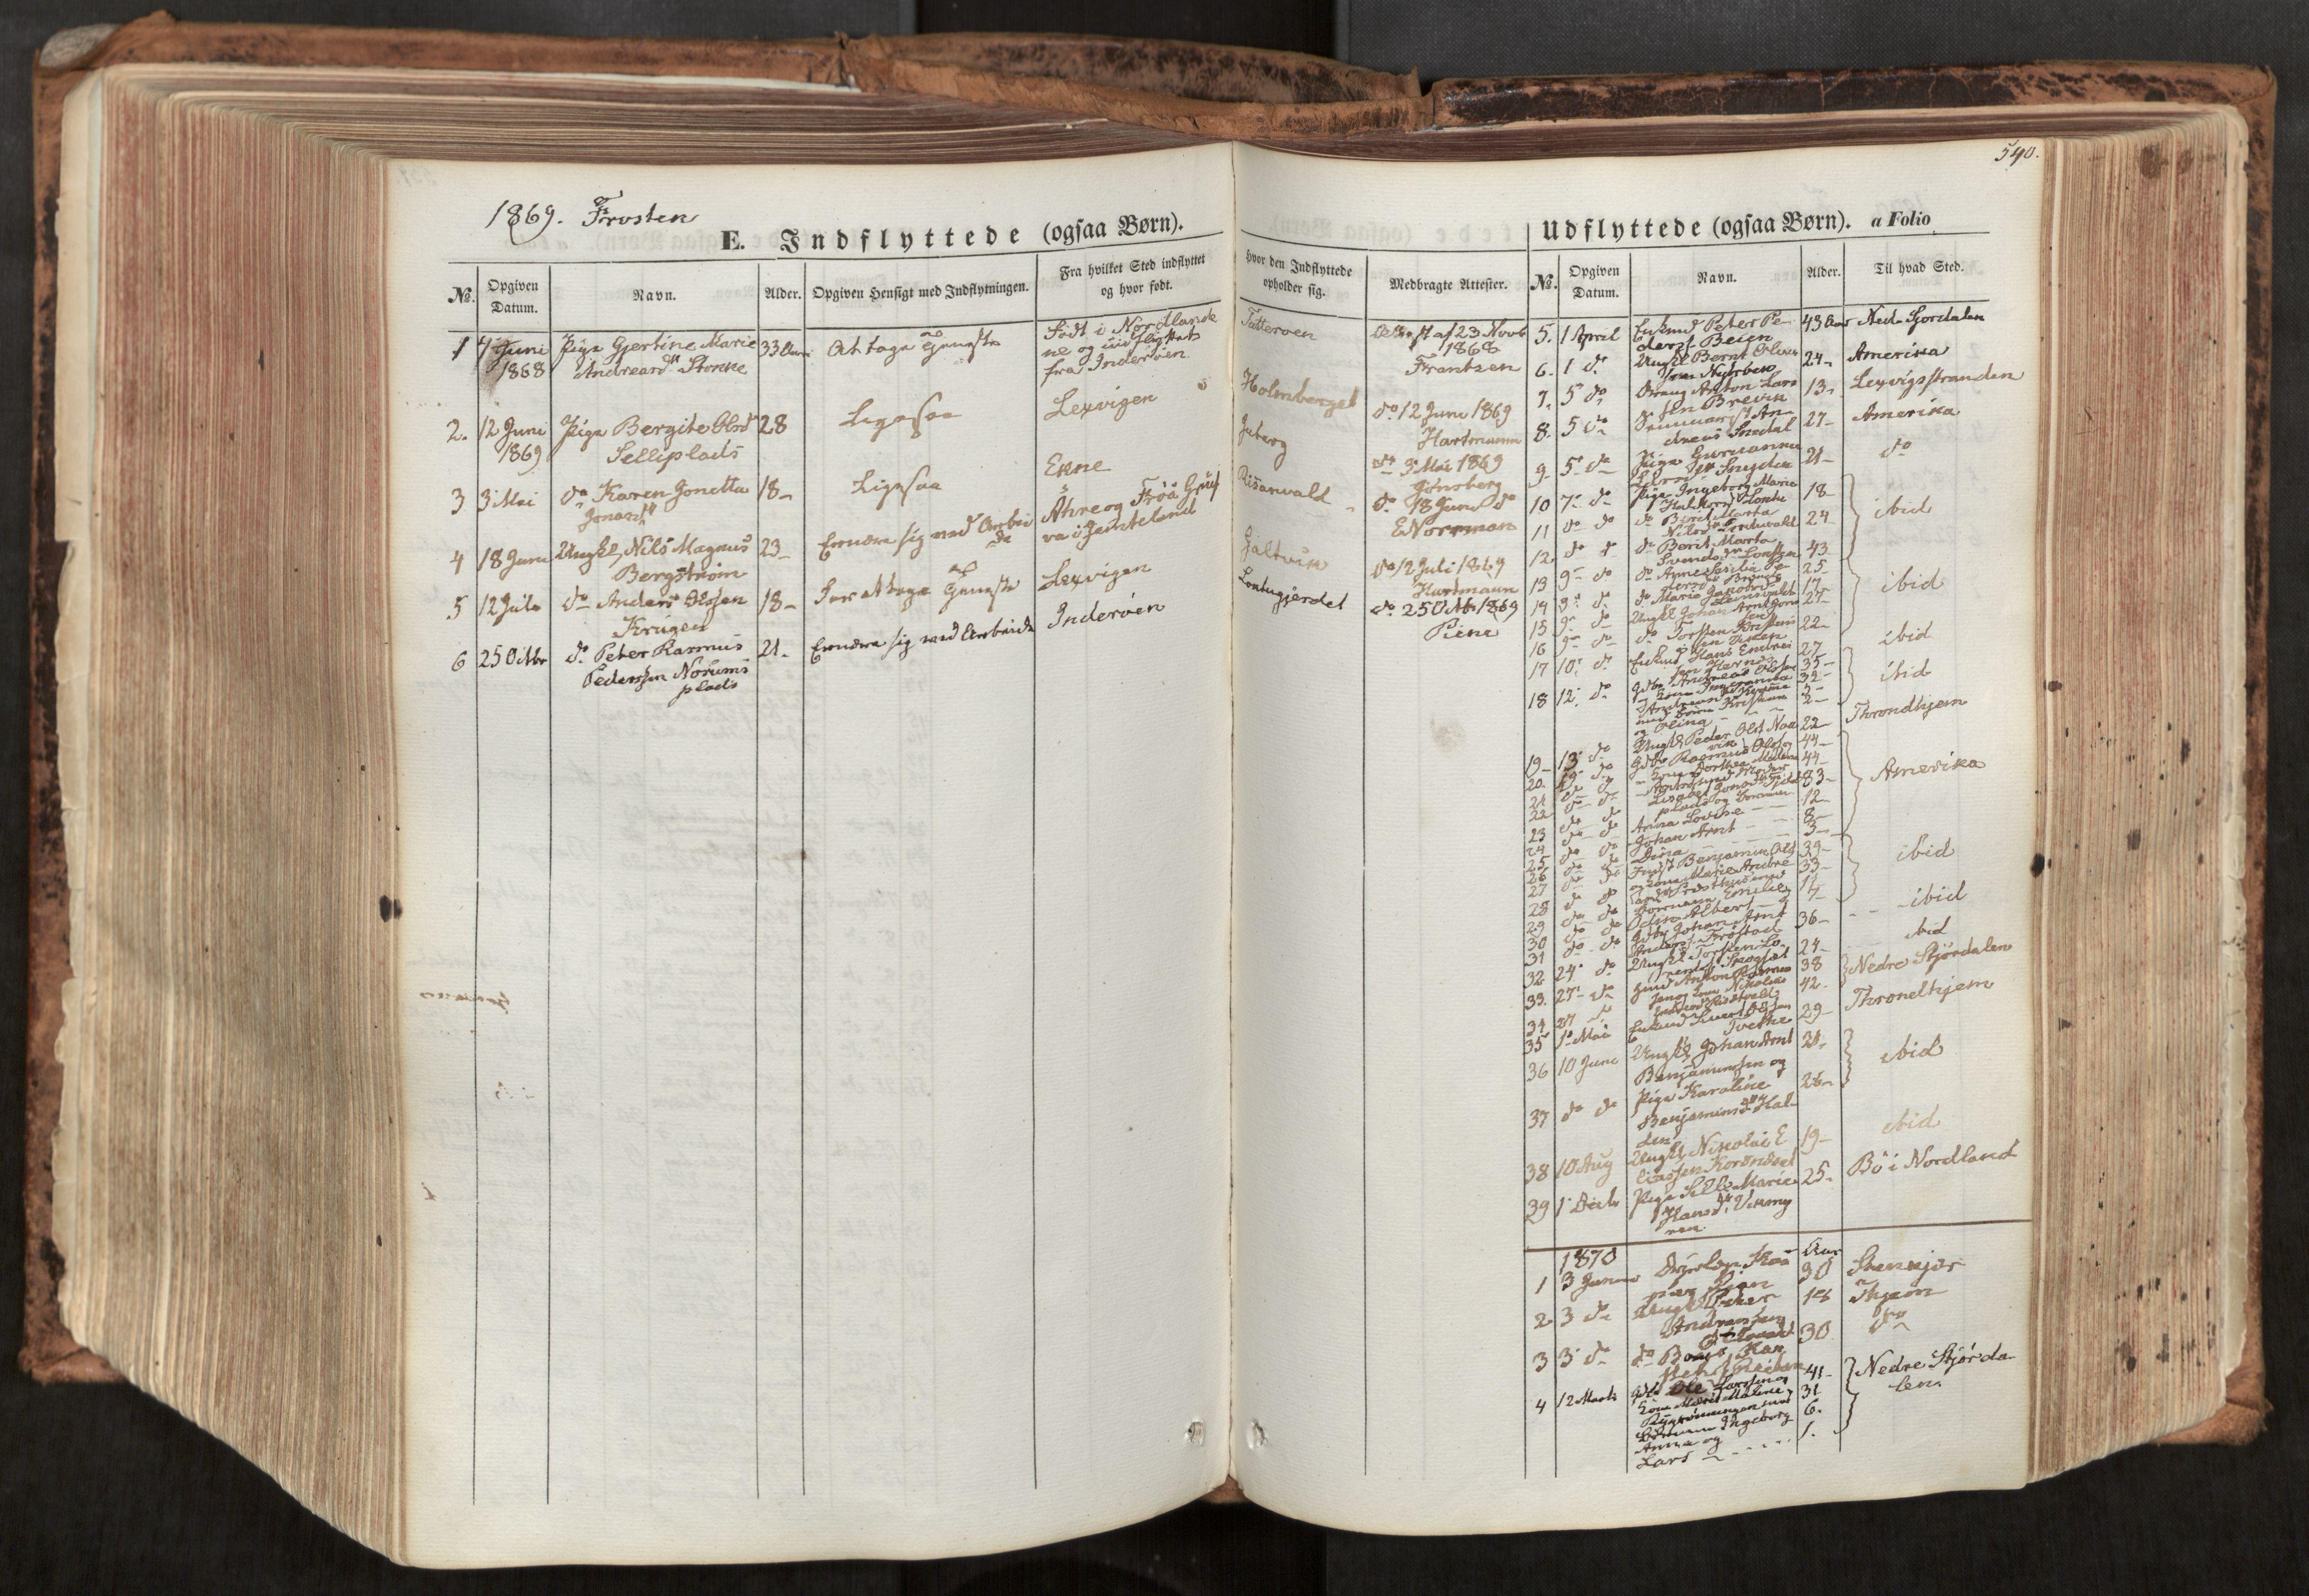 SAT, Ministerialprotokoller, klokkerbøker og fødselsregistre - Nord-Trøndelag, 713/L0116: Ministerialbok nr. 713A07, 1850-1877, s. 540